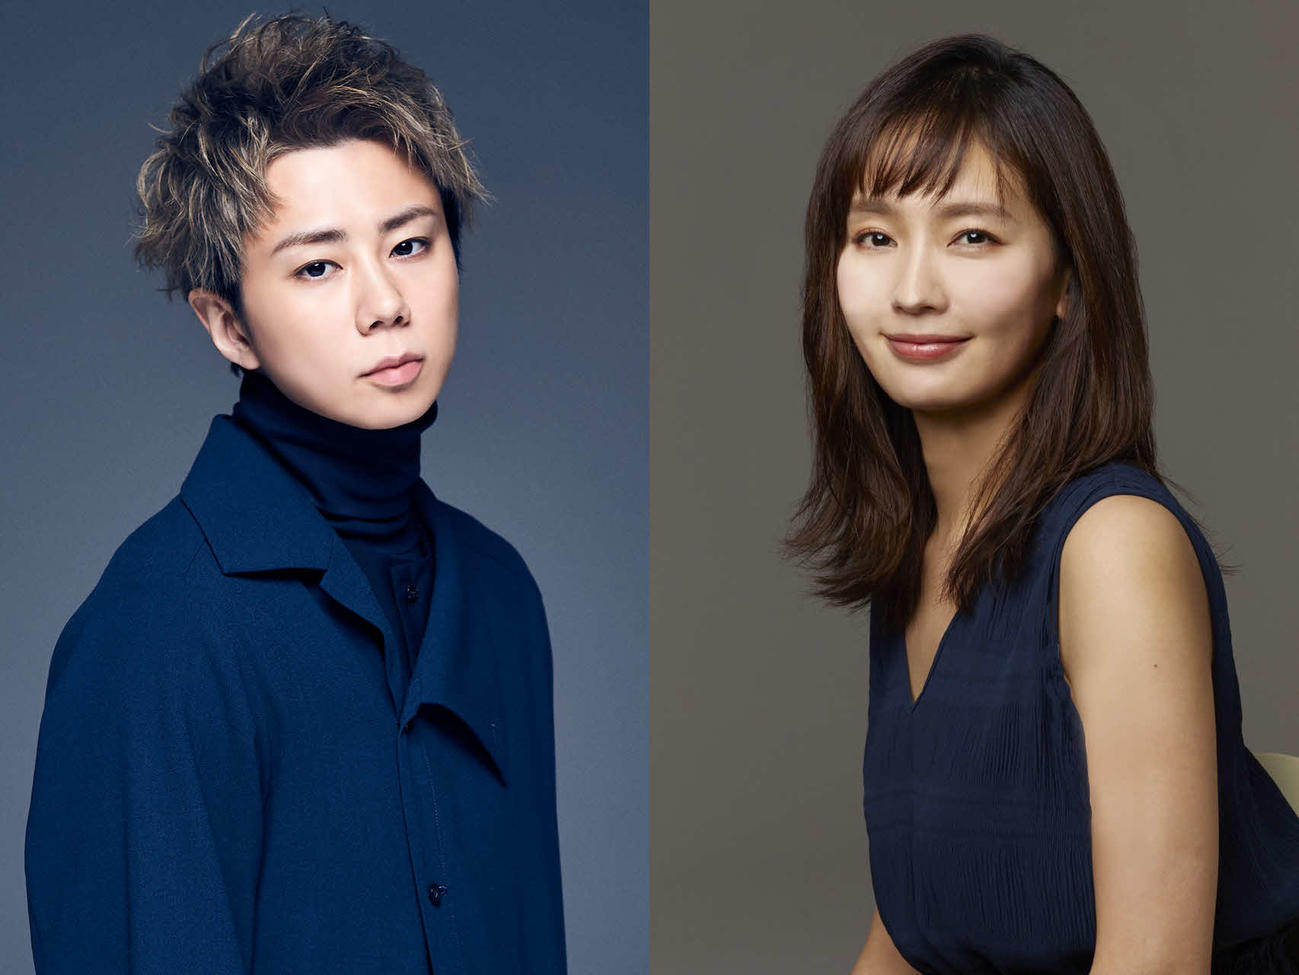 7月期スタートのテレビ東京系ドラマ「ただ離婚してないだけ」に出演する北山宏光(左)と中村ゆり